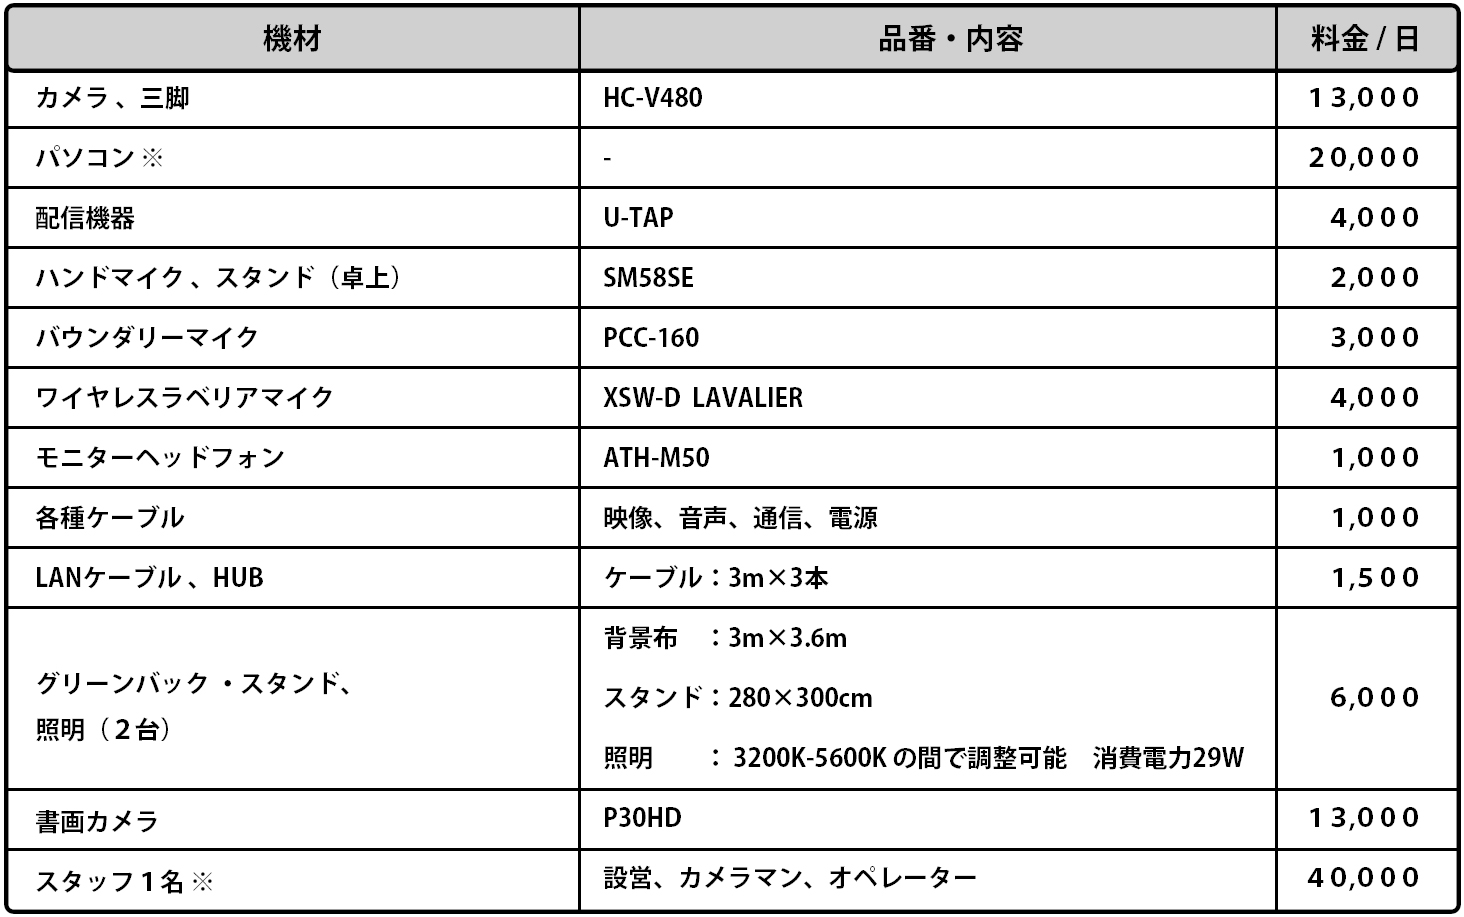 オプション価格表